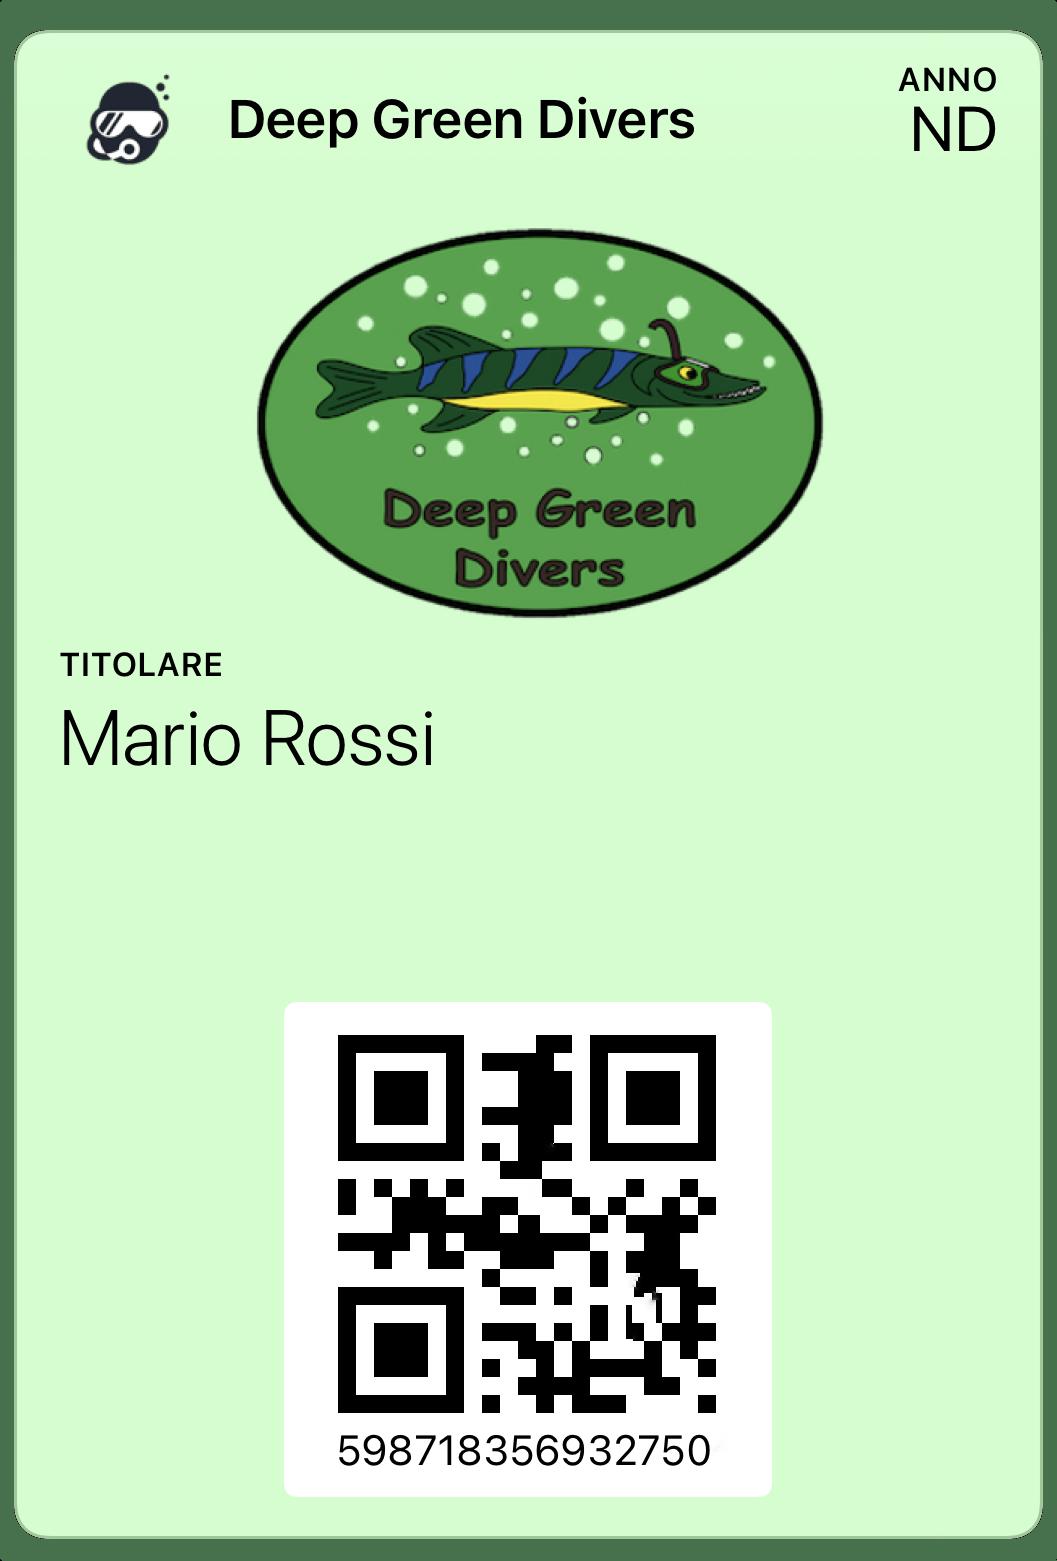 Deep Green Divers tessera Wallyfor